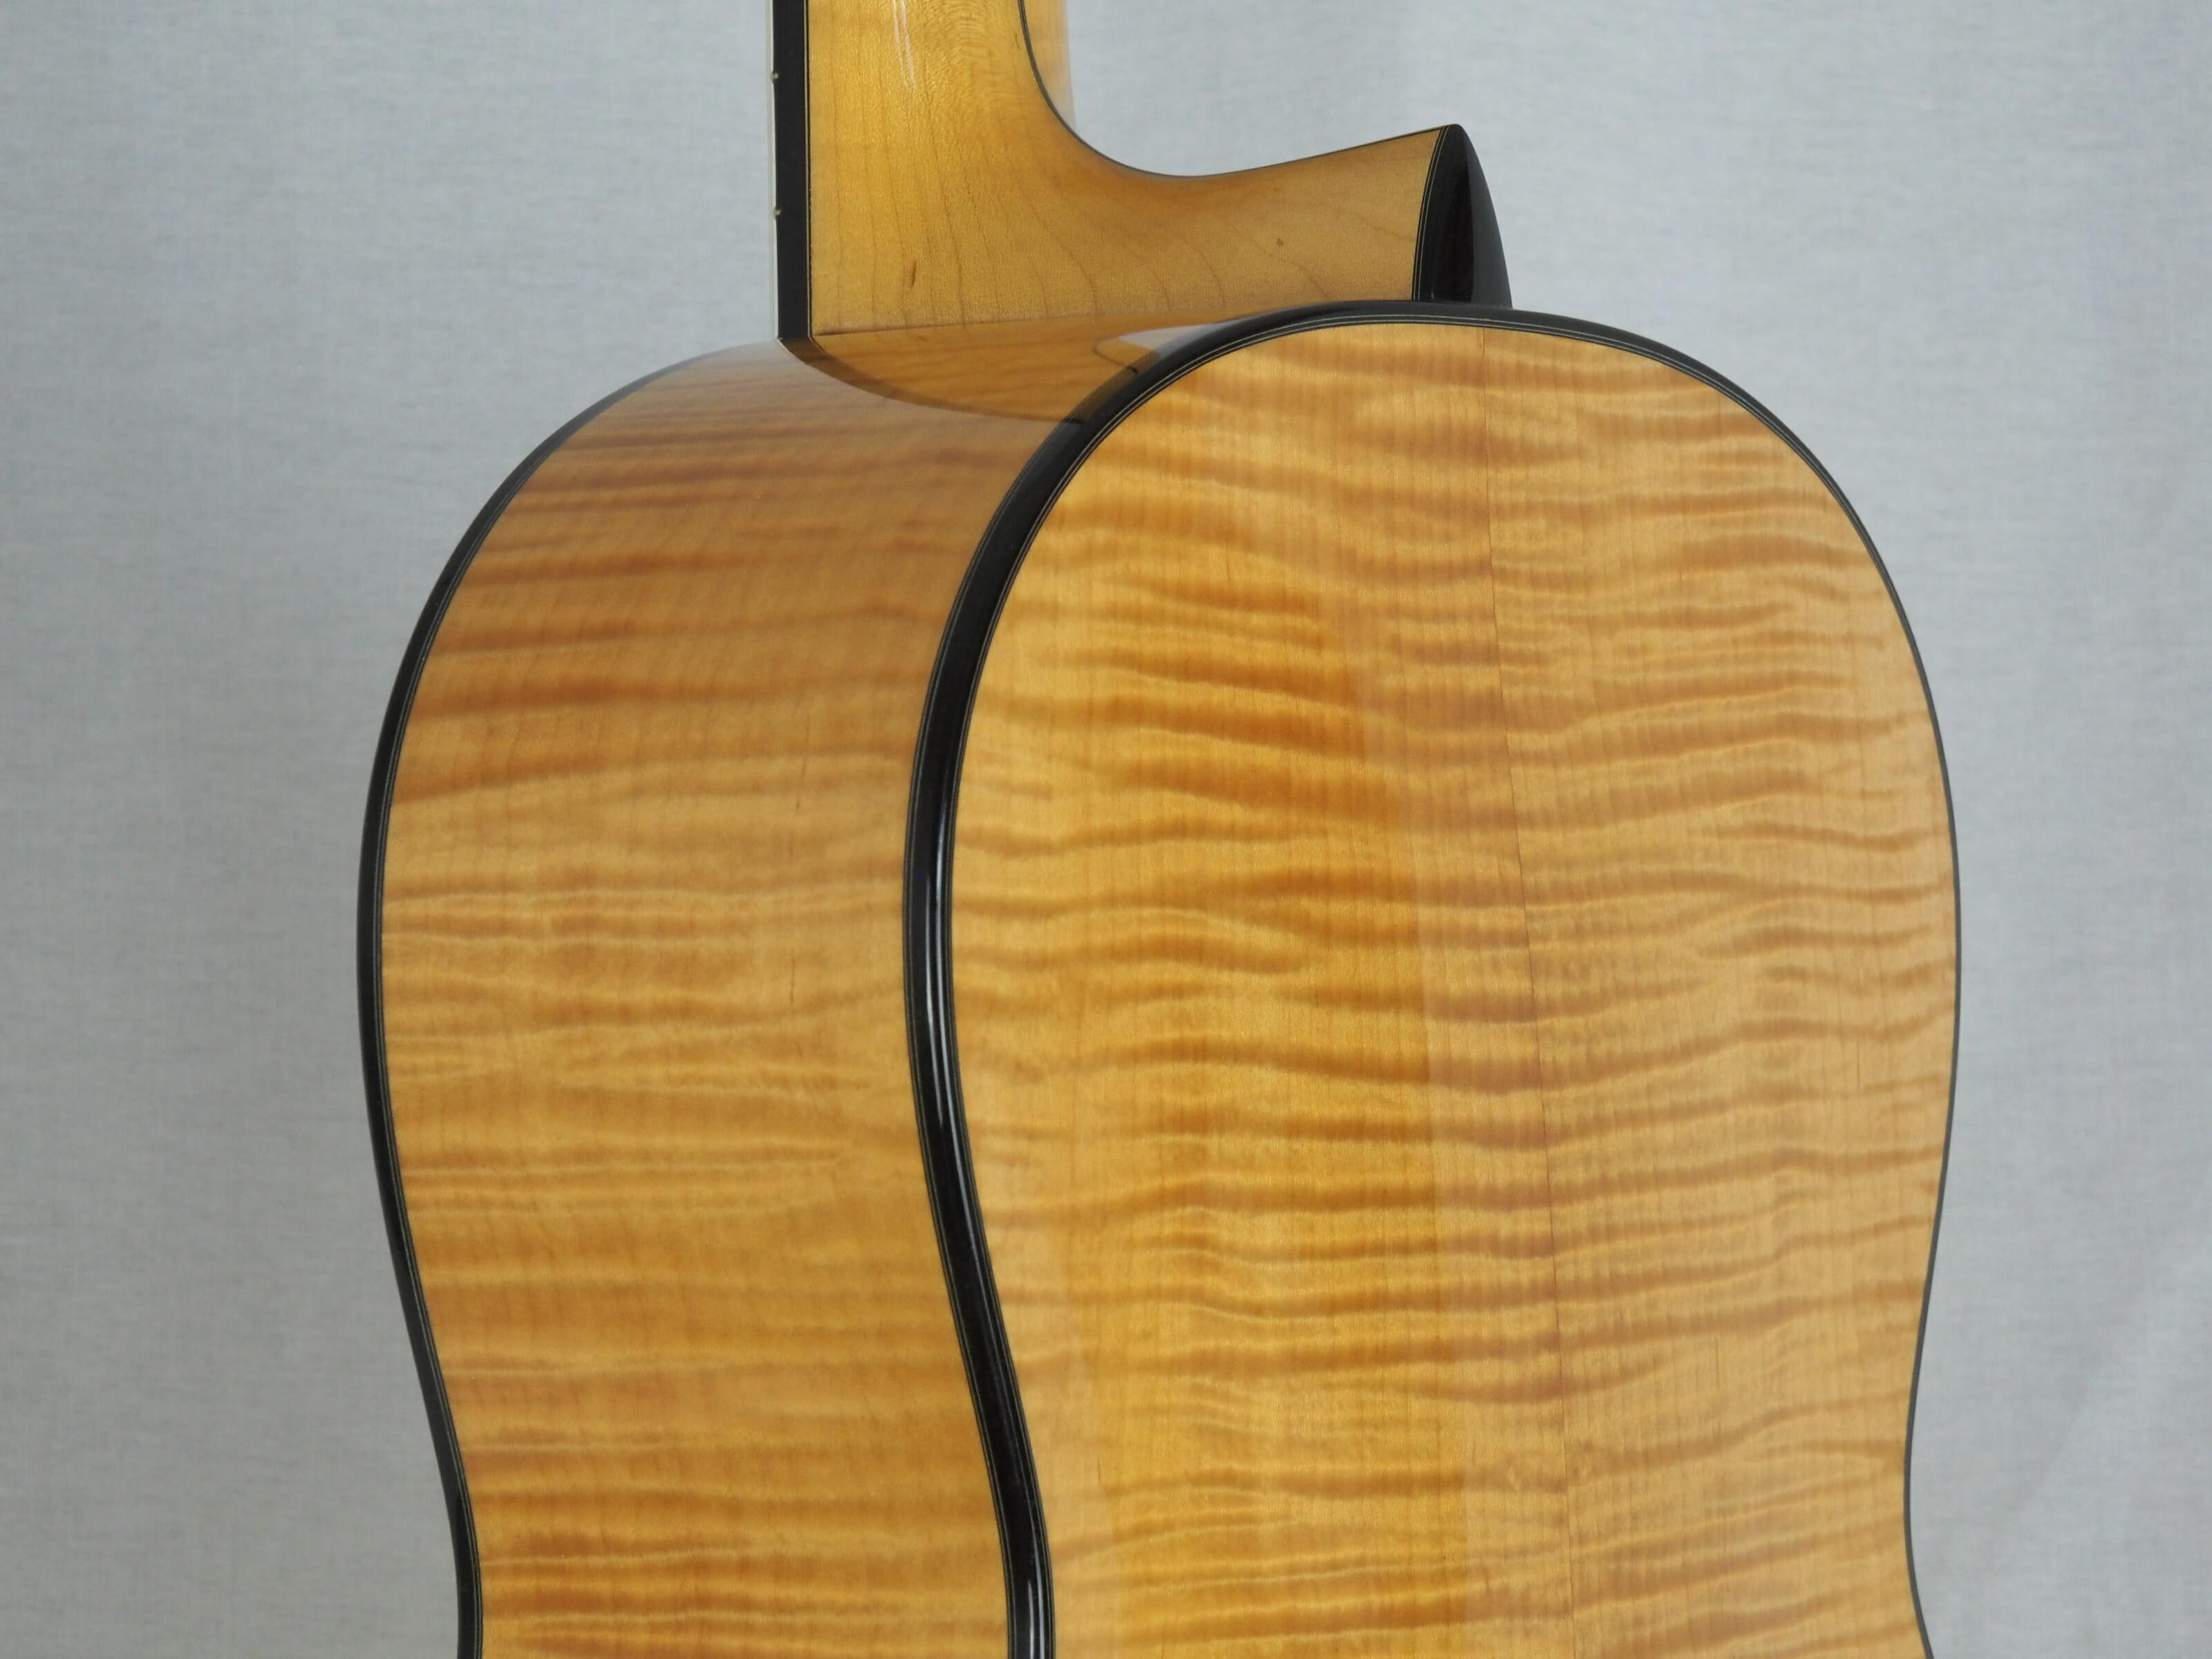 Kim Lissarrague guitare classique luthier No 19LIS311-09